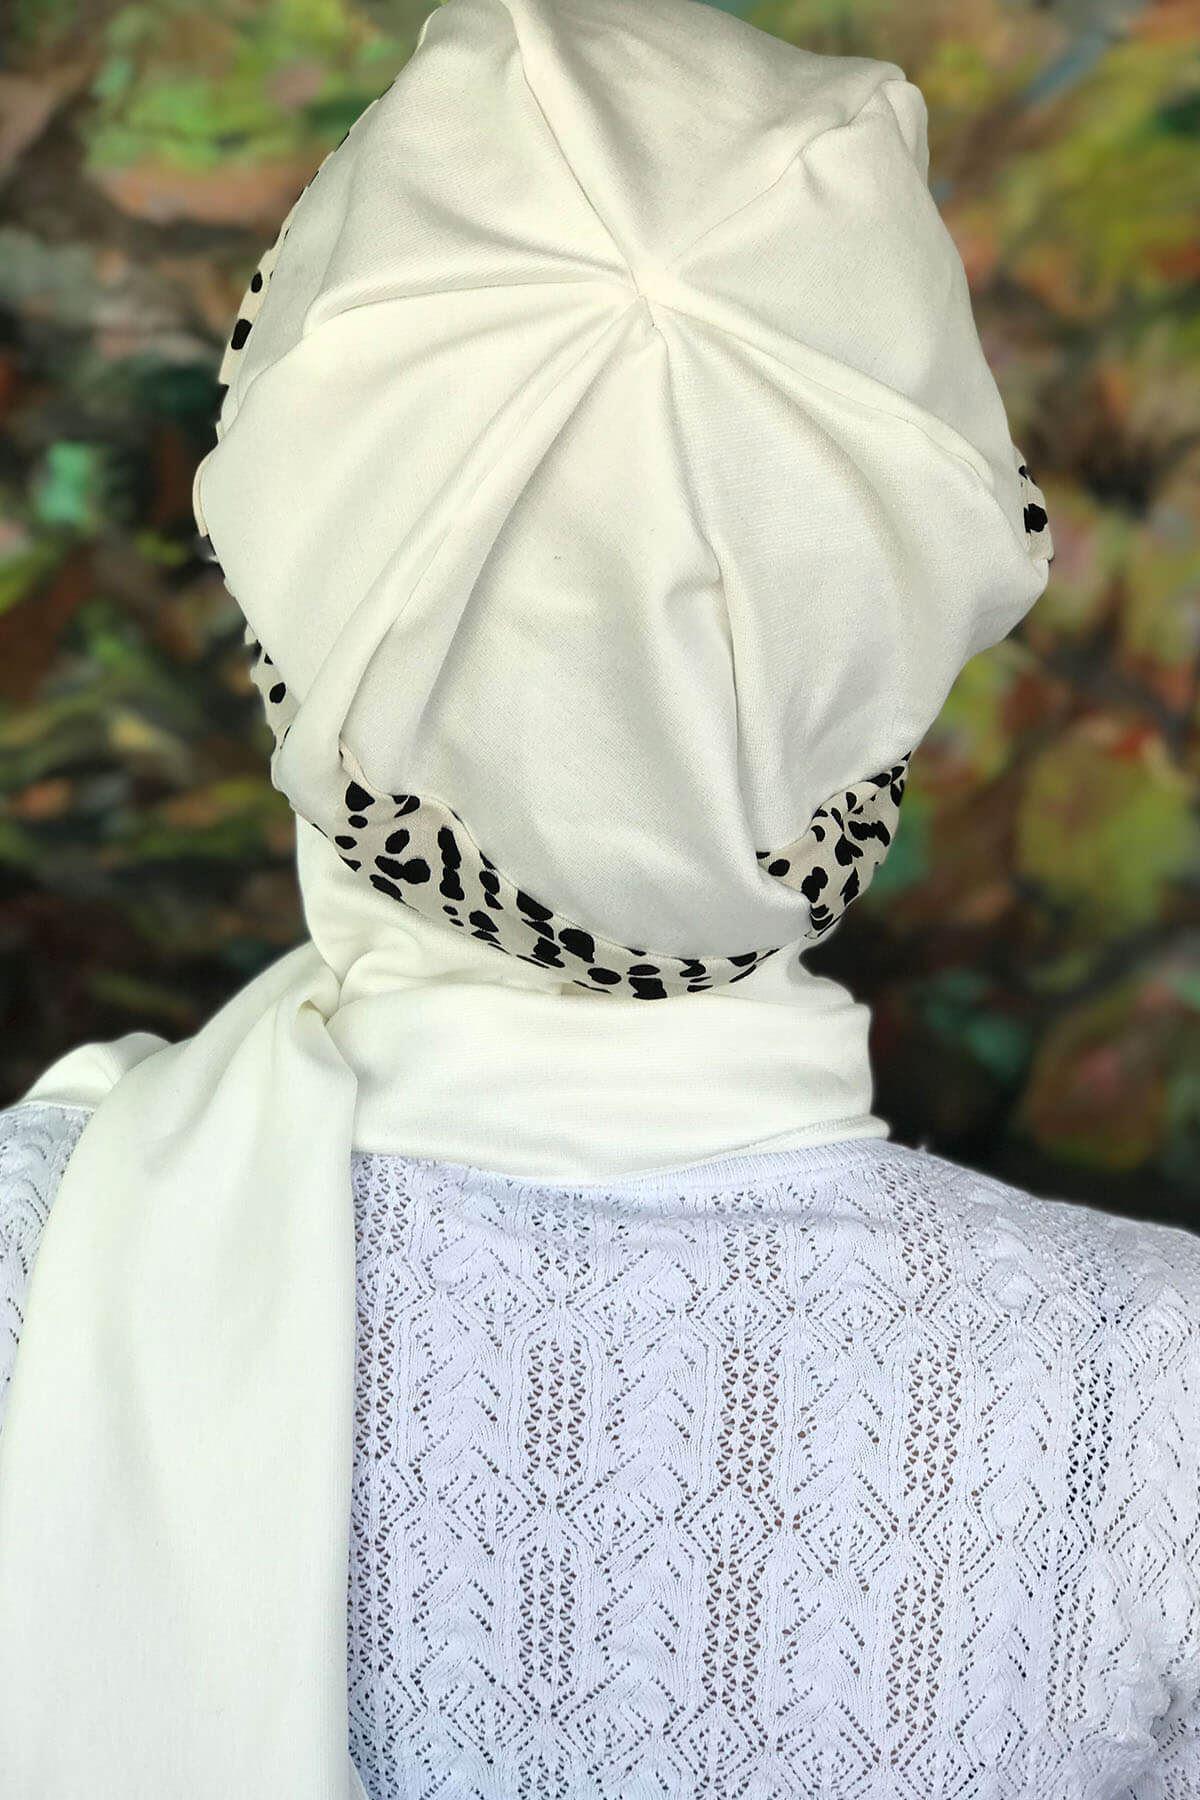 Kırık Beyaz Renkli Siyah Noktalı Çarkıfelek Model Tokalı Beyaz Atkılı Şapka